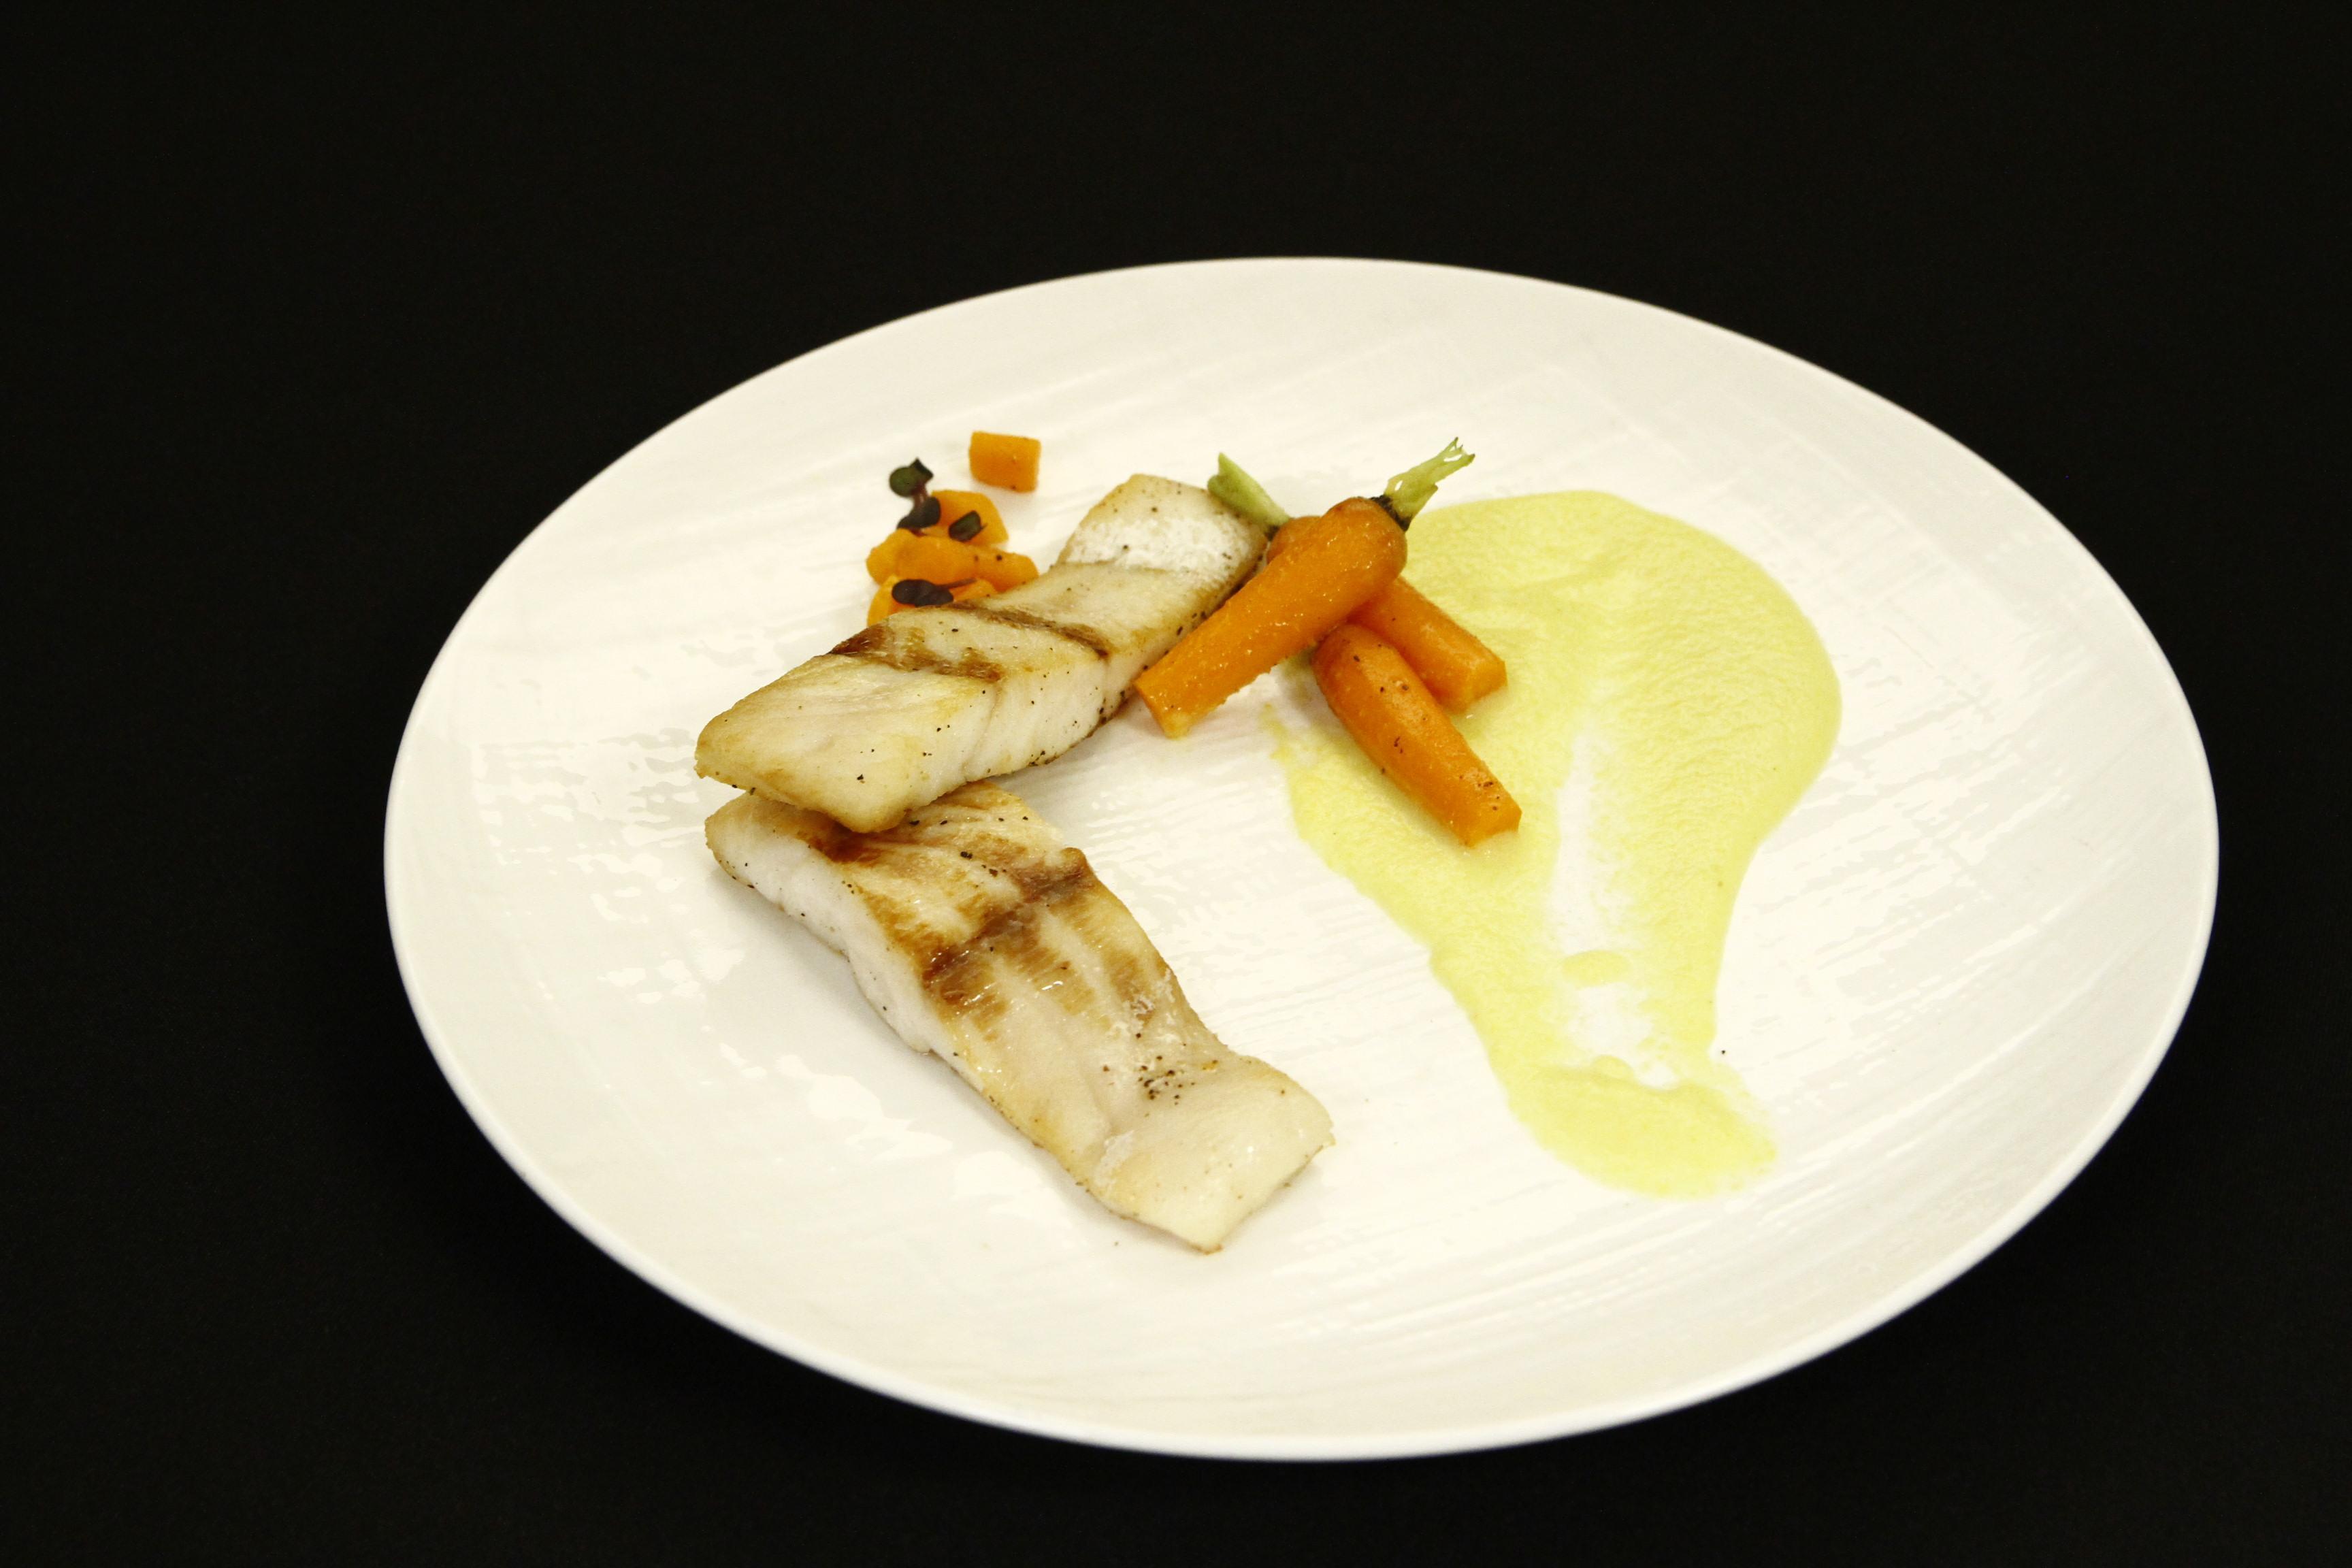 File de șalău cu morcovi sotați și sos de lămâie